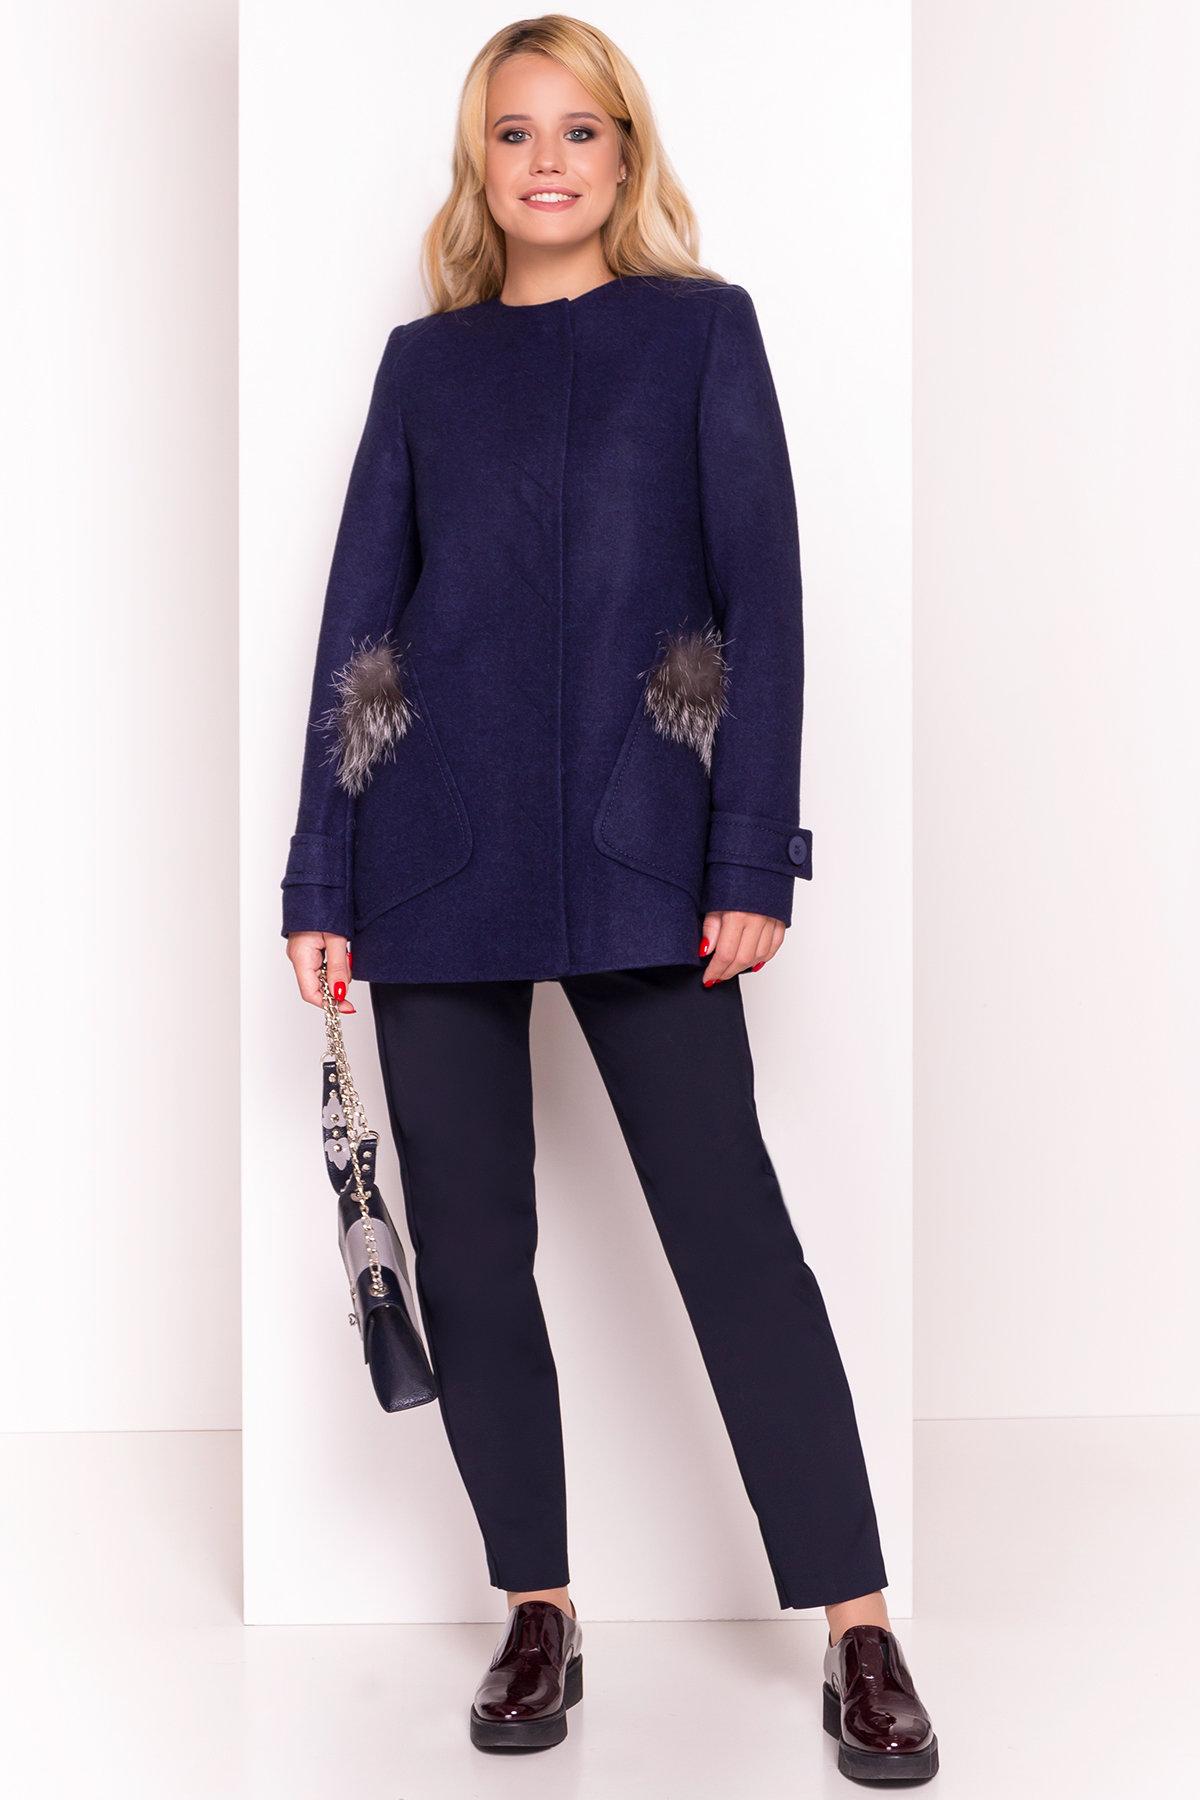 Демисезонное пальто трапеция в расцветках Латте 5429 АРТ. 36672 Цвет: Темно-синий 17 - фото 3, интернет магазин tm-modus.ru